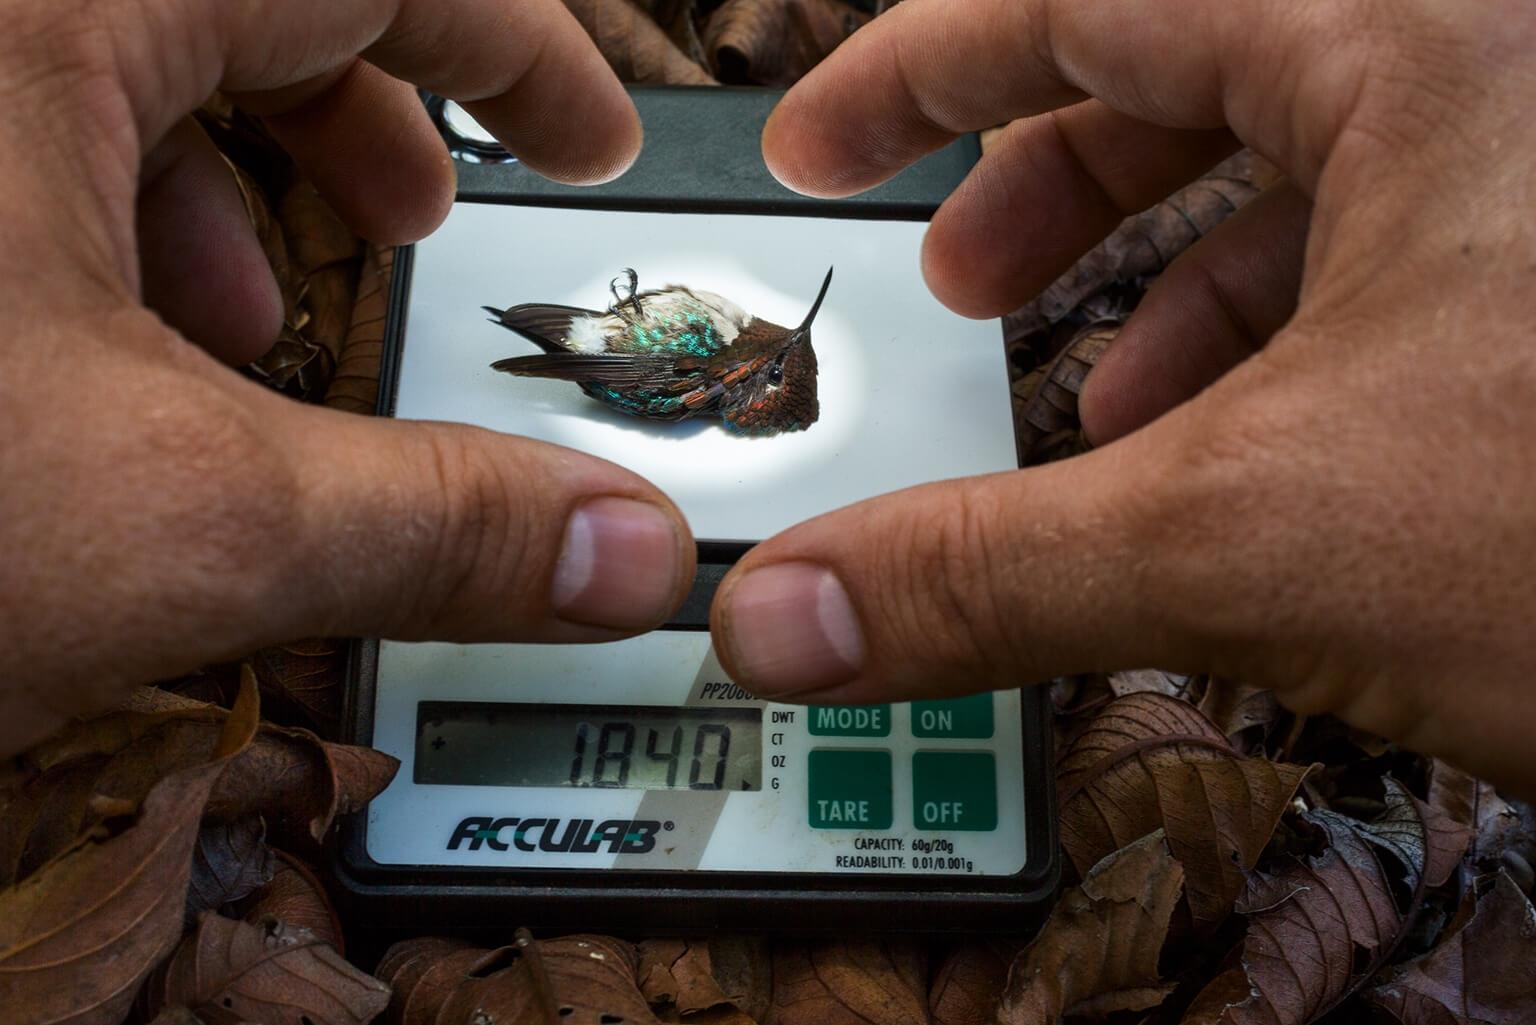 為了研究雄性古巴吸蜜蜂鳥的求偶行為,科學家捕捉了幾隻蜂鳥來測量體重與翅膀大小(上)。這隻在磅秤上的蜂鳥一動也不動是因為蜂鳥被翻過來以背部朝下時會暫時失向──不過一恢復立姿後不久又會活蹦亂跳。拍攝過程中沒有任何蜂鳥受傷。 SOURCE: CHRISTOPHER CLARK, UC RIVERSIDE  攝影:亞南德.瓦瑪 Anand Varma